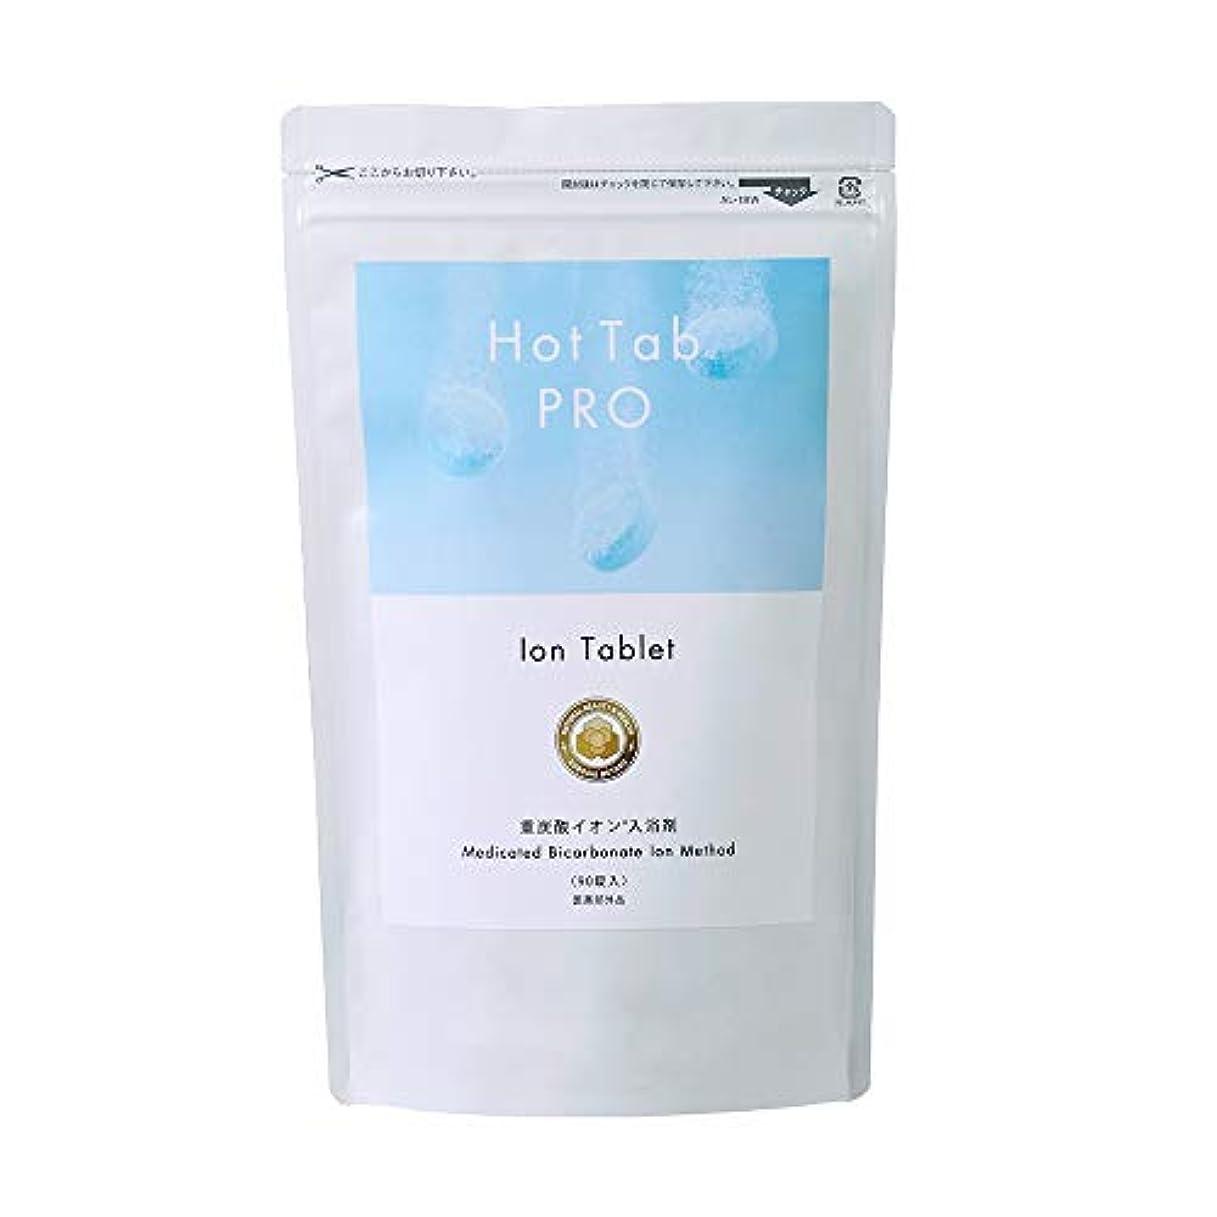 ミッション書士実験室最新型 日本製なめらか重炭酸入浴剤「ホットタブPro」(デリケートな肌でも安心 無香料 無着色 中性pH) (お得な90錠セット)